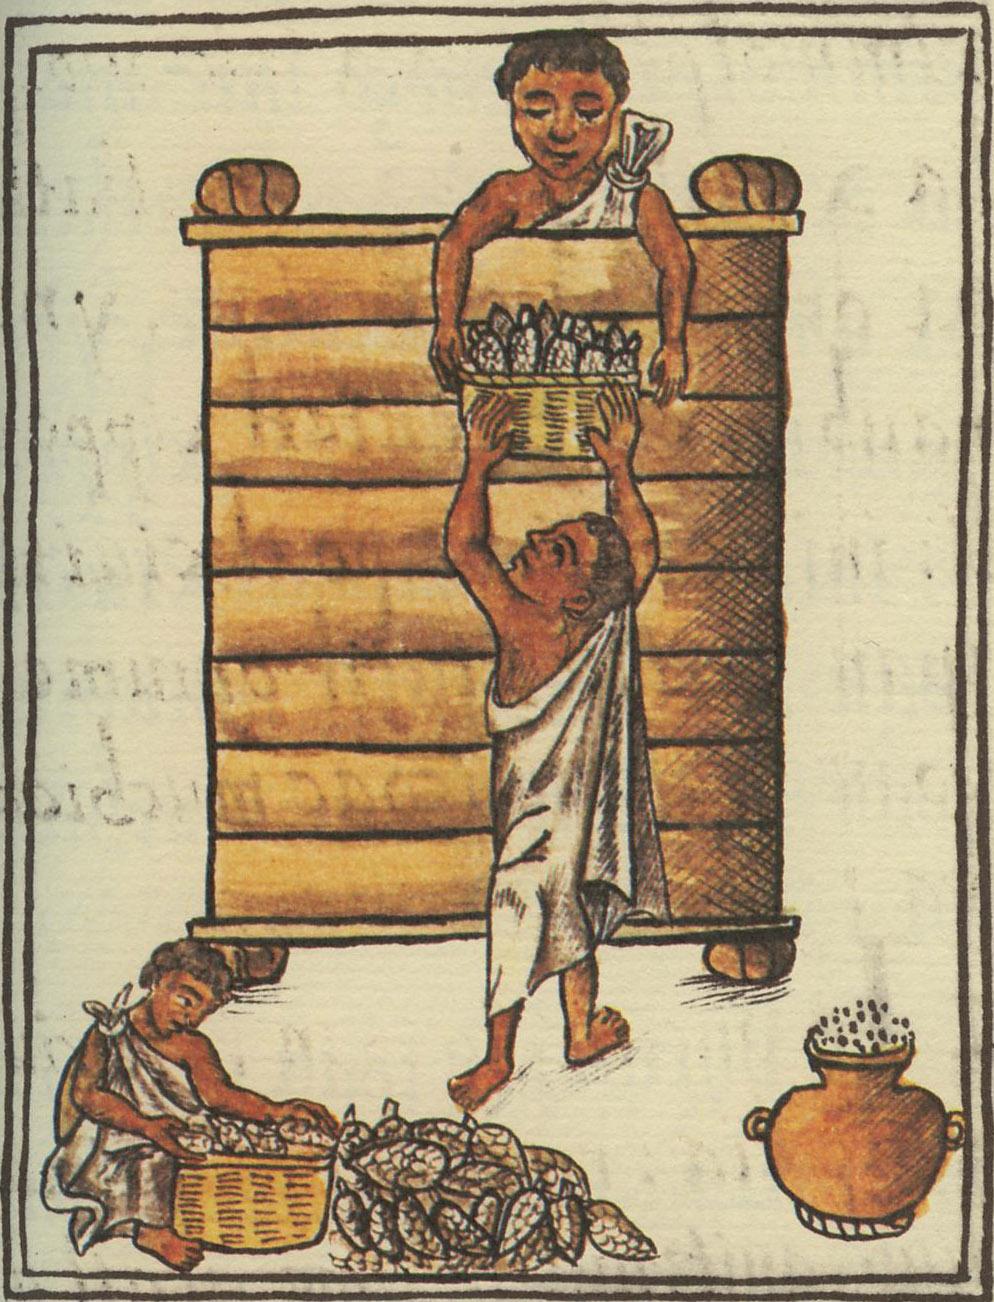 kakaó inka mítosz